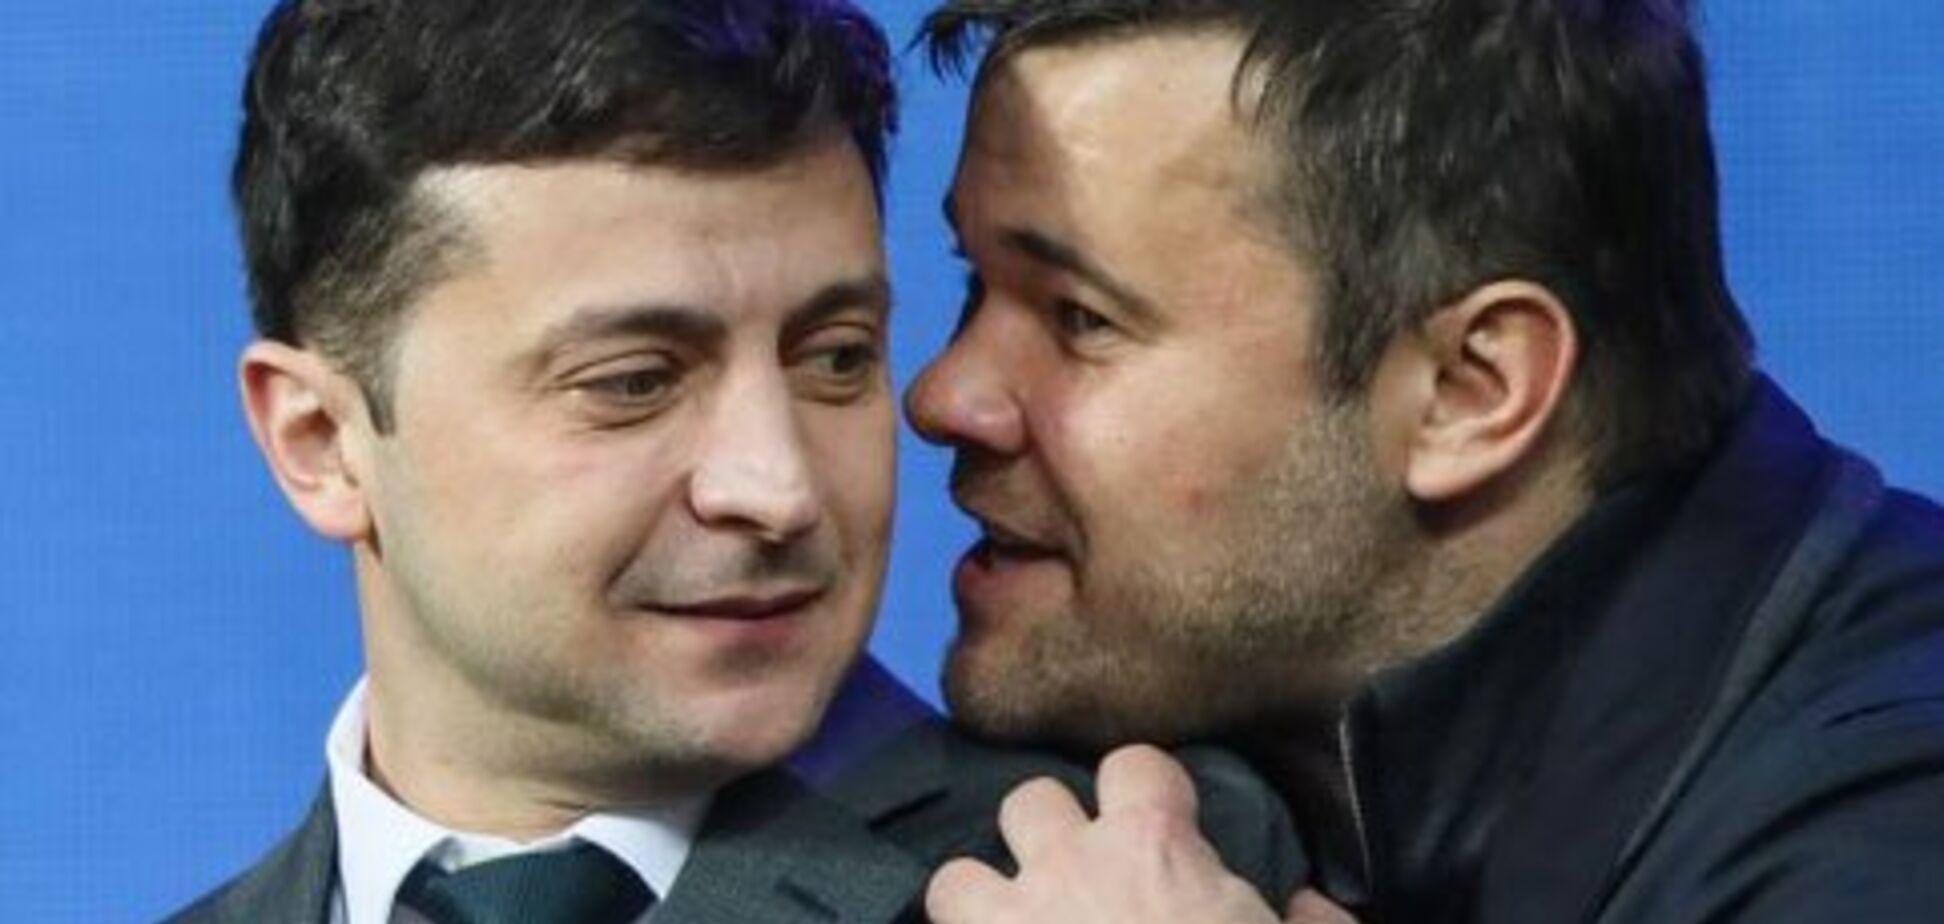 Не Зеленський: Богдан сказав, хто насправді керує владою в Україні